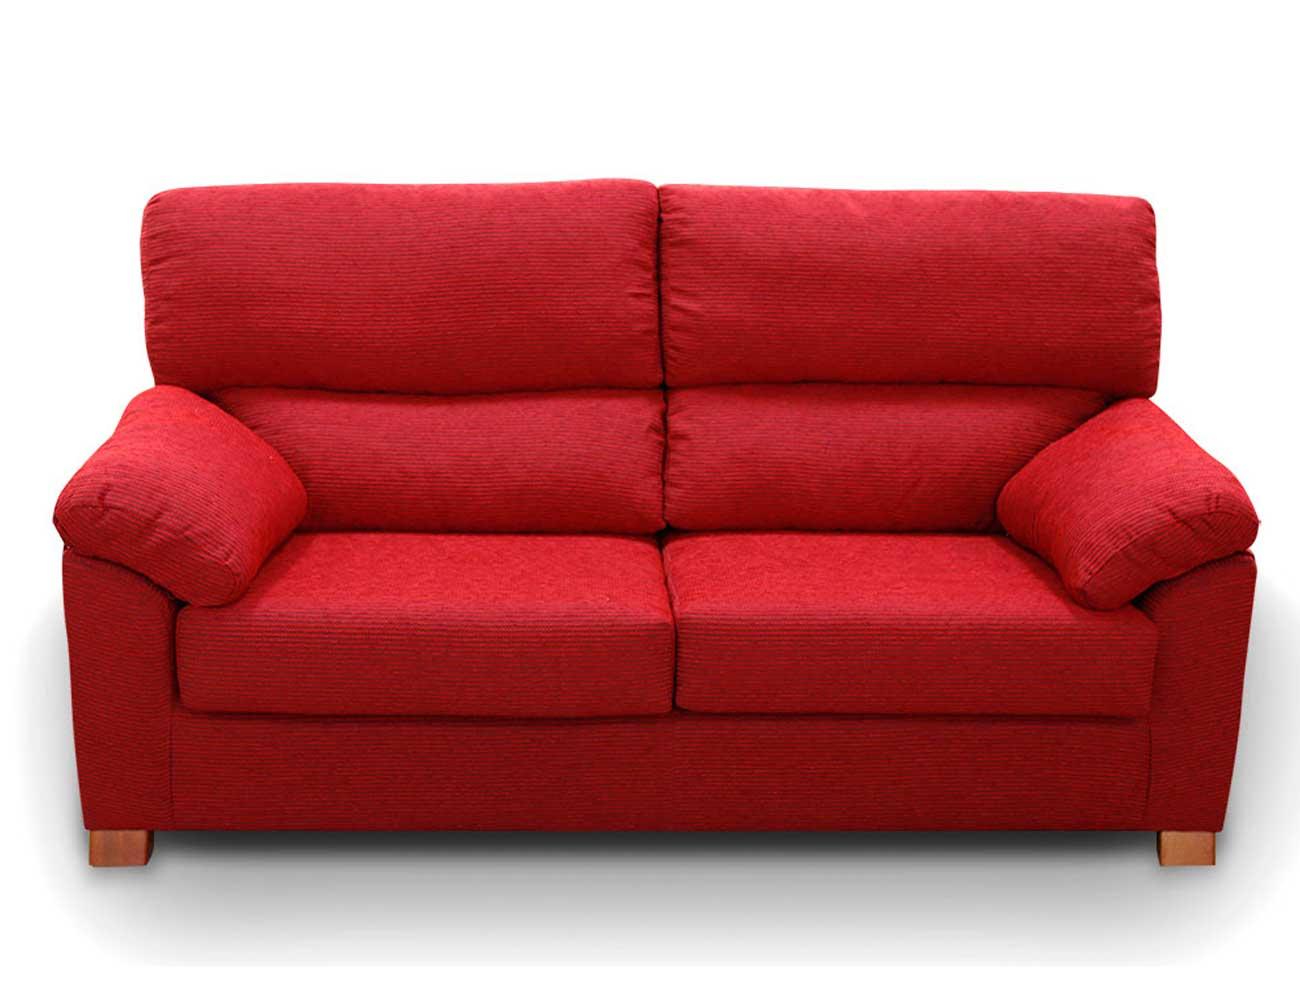 Sofa barato 3 plazas rojo13